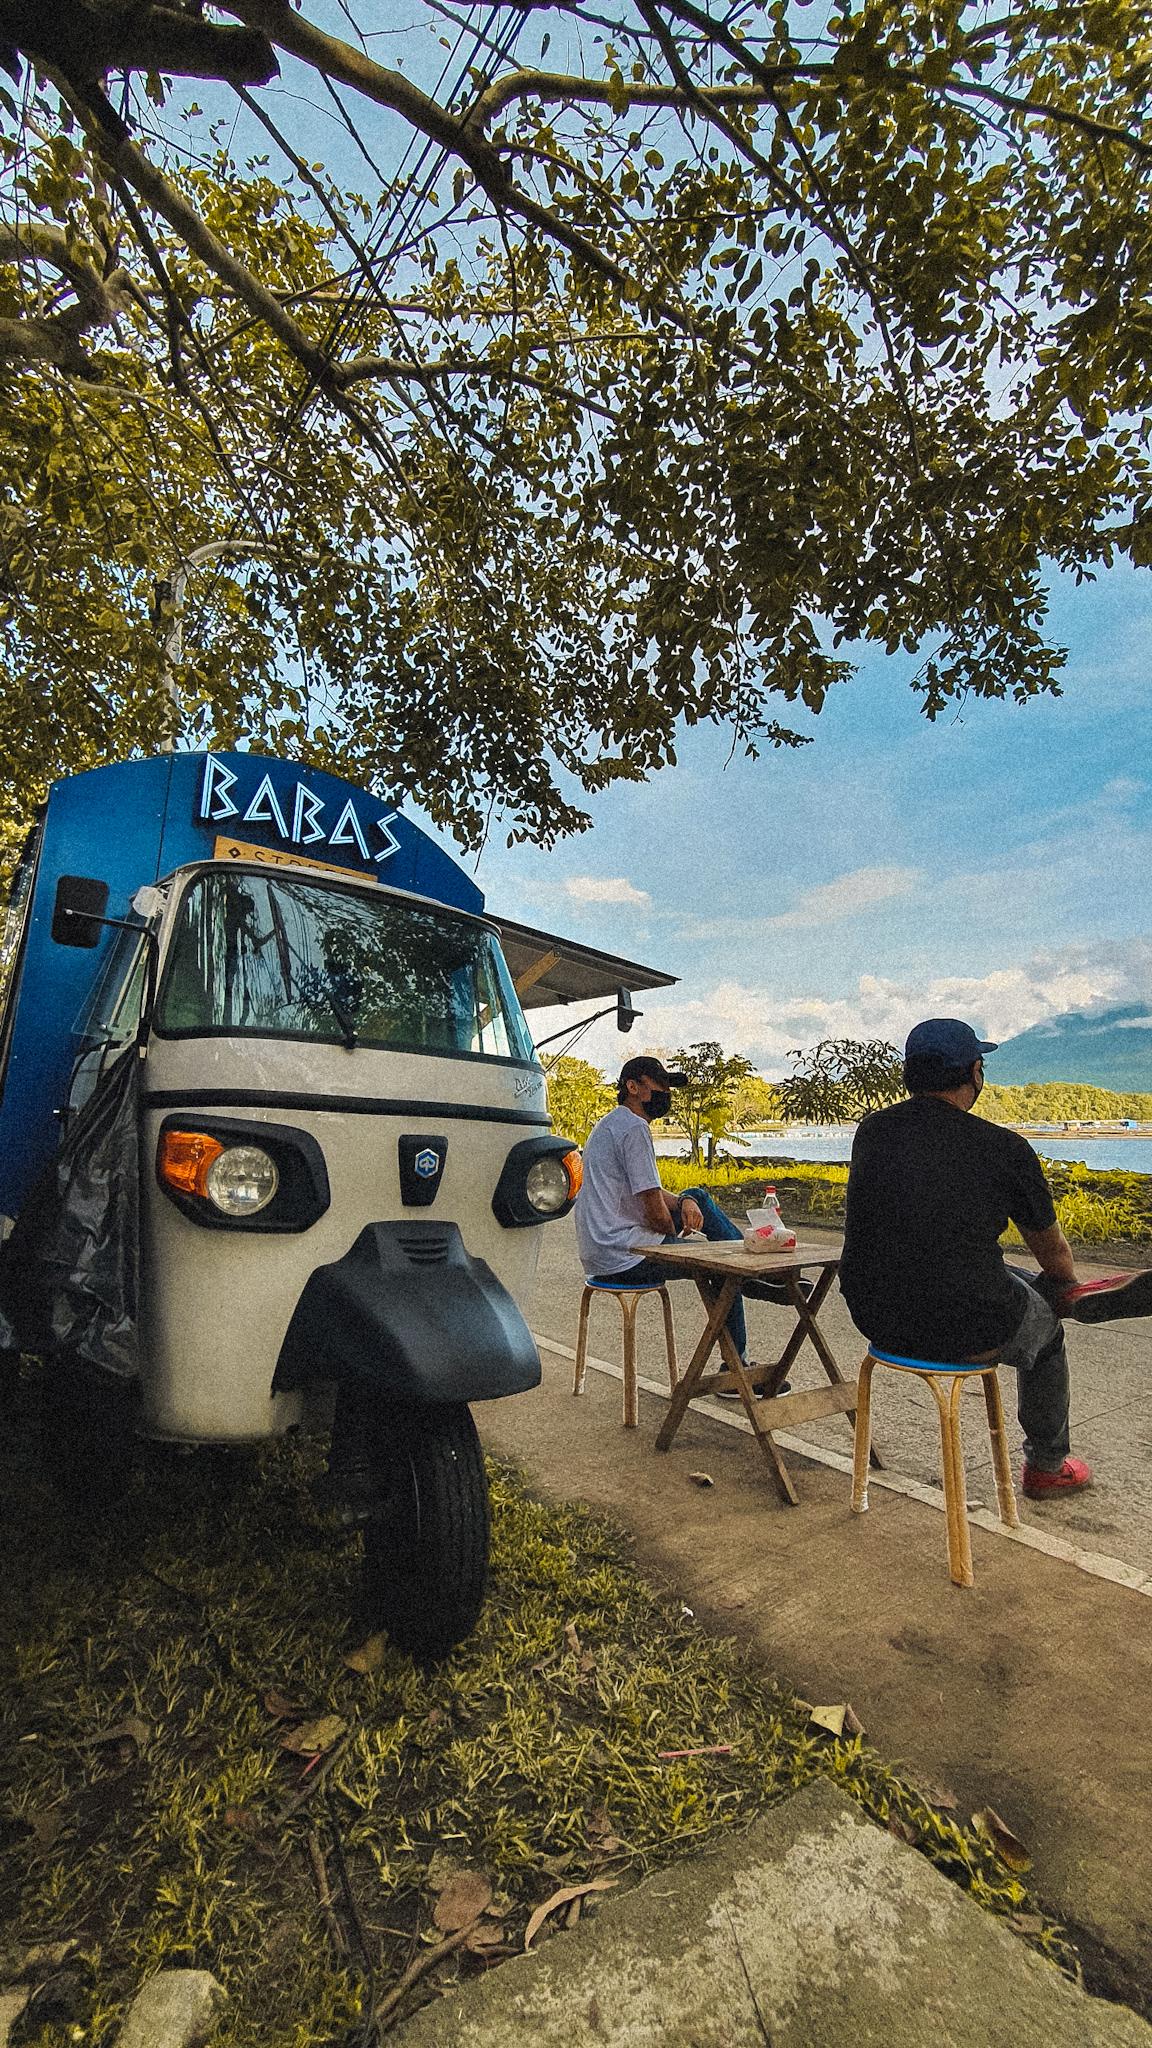 Babas Street Food Truck